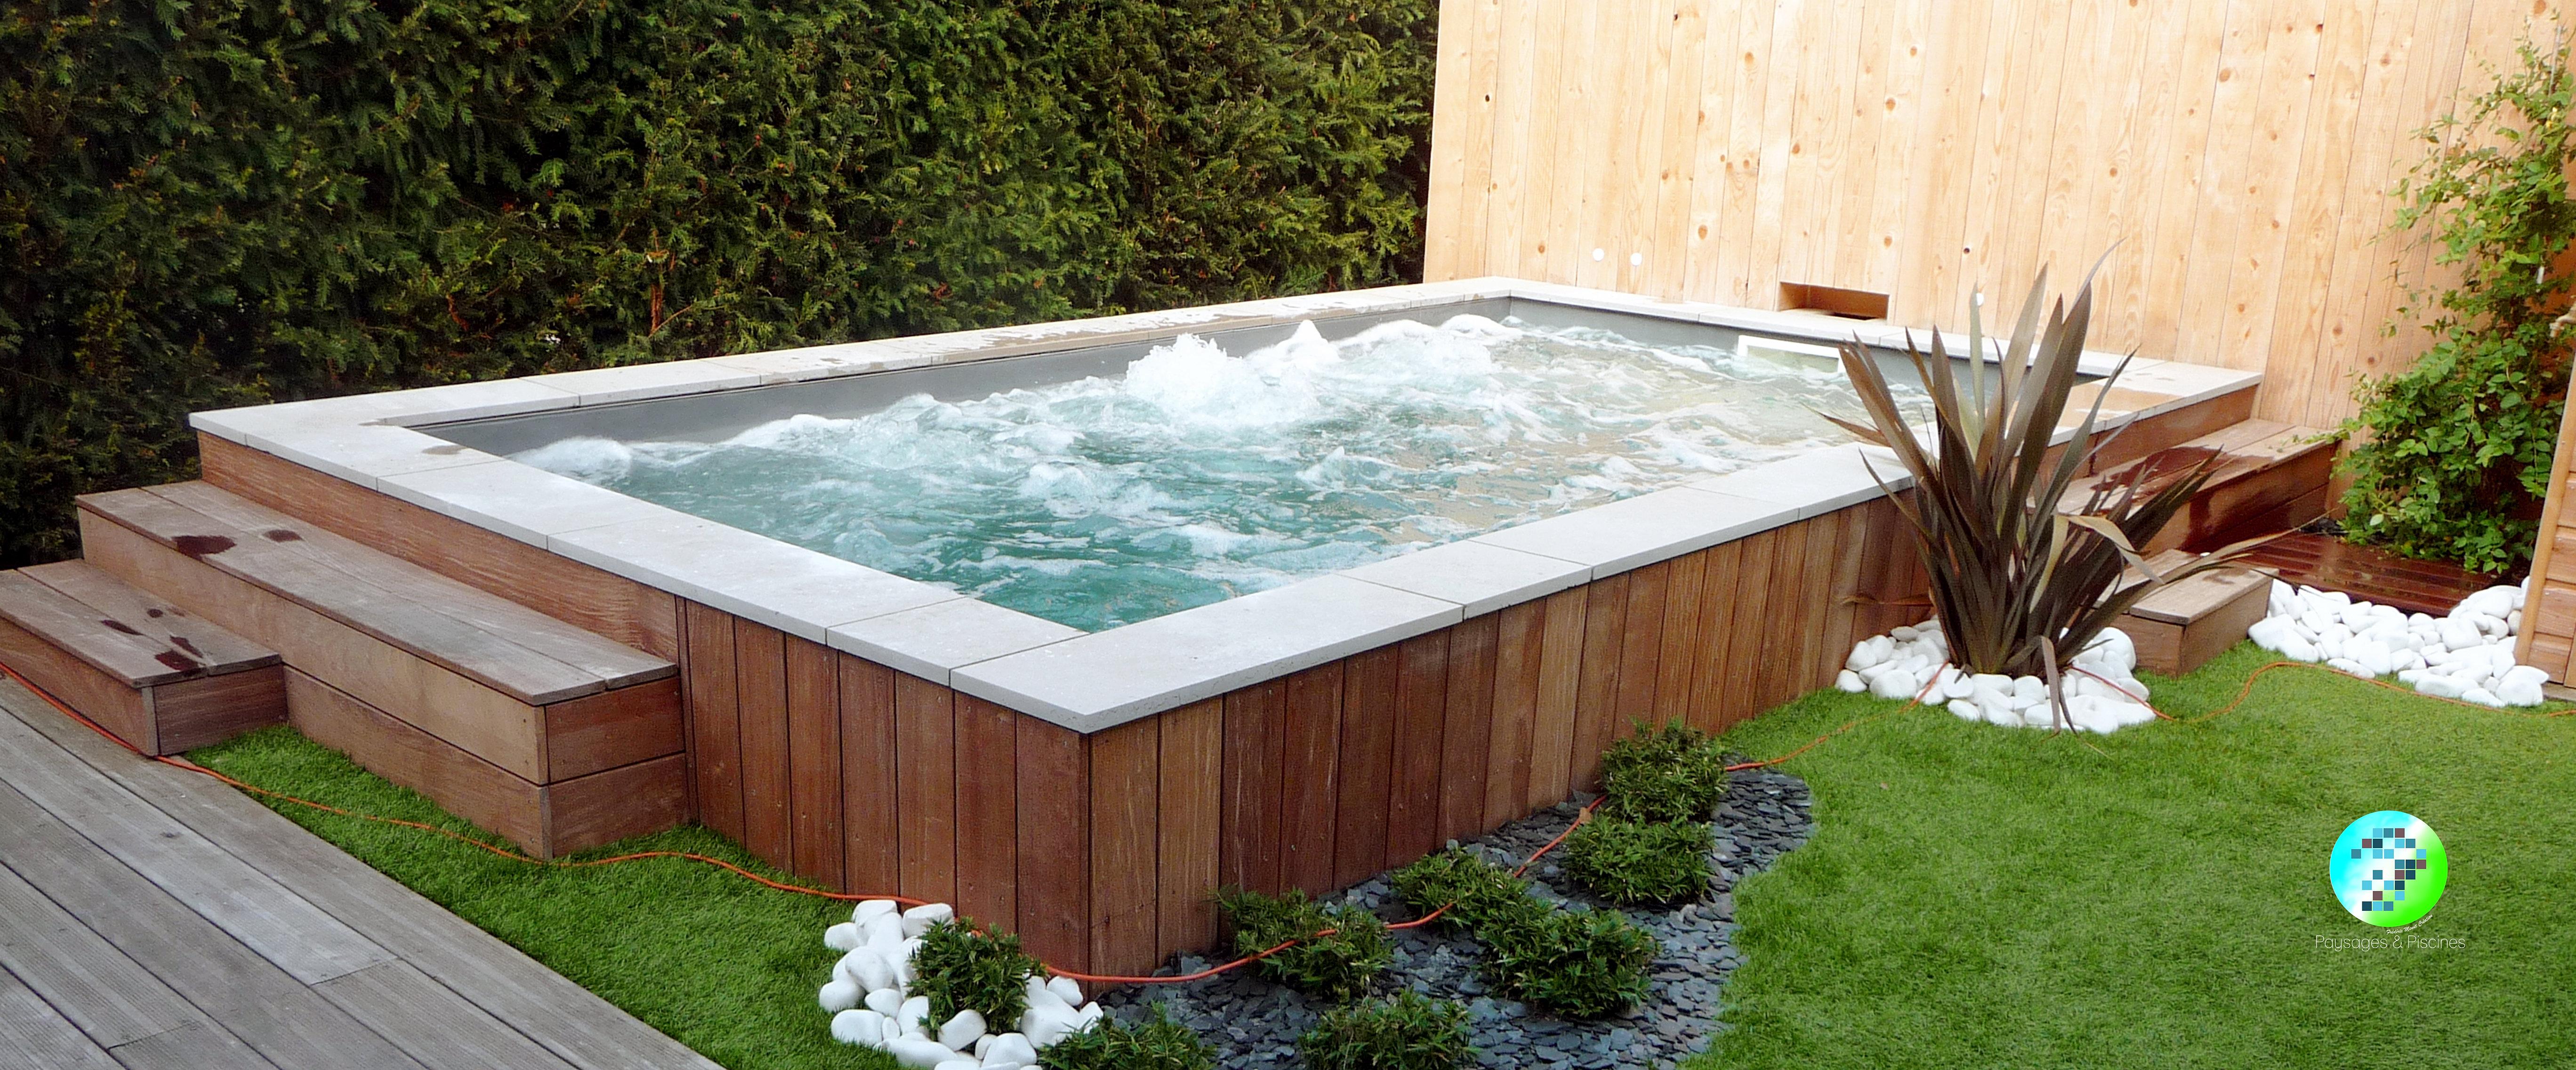 paysages et piscines paysagiste lyon accueil piscine urbaine. Black Bedroom Furniture Sets. Home Design Ideas